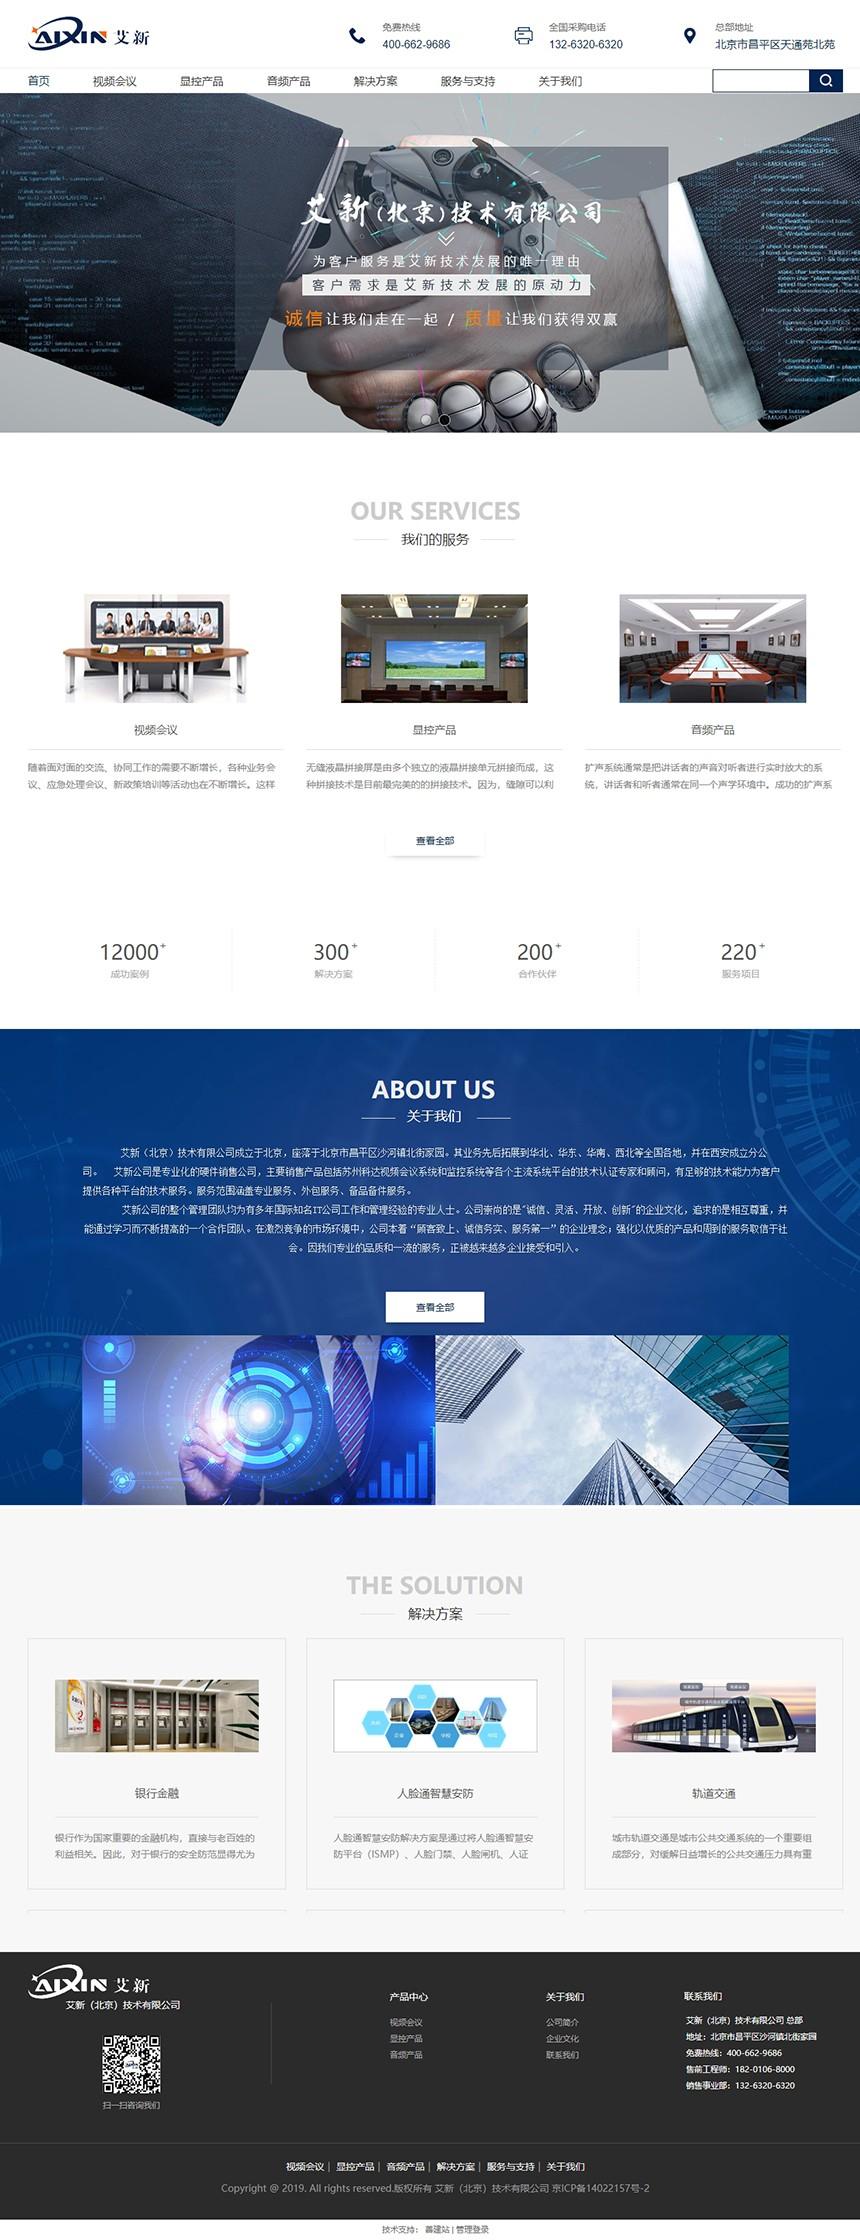 艾新(北京)技术有限公司.jpg